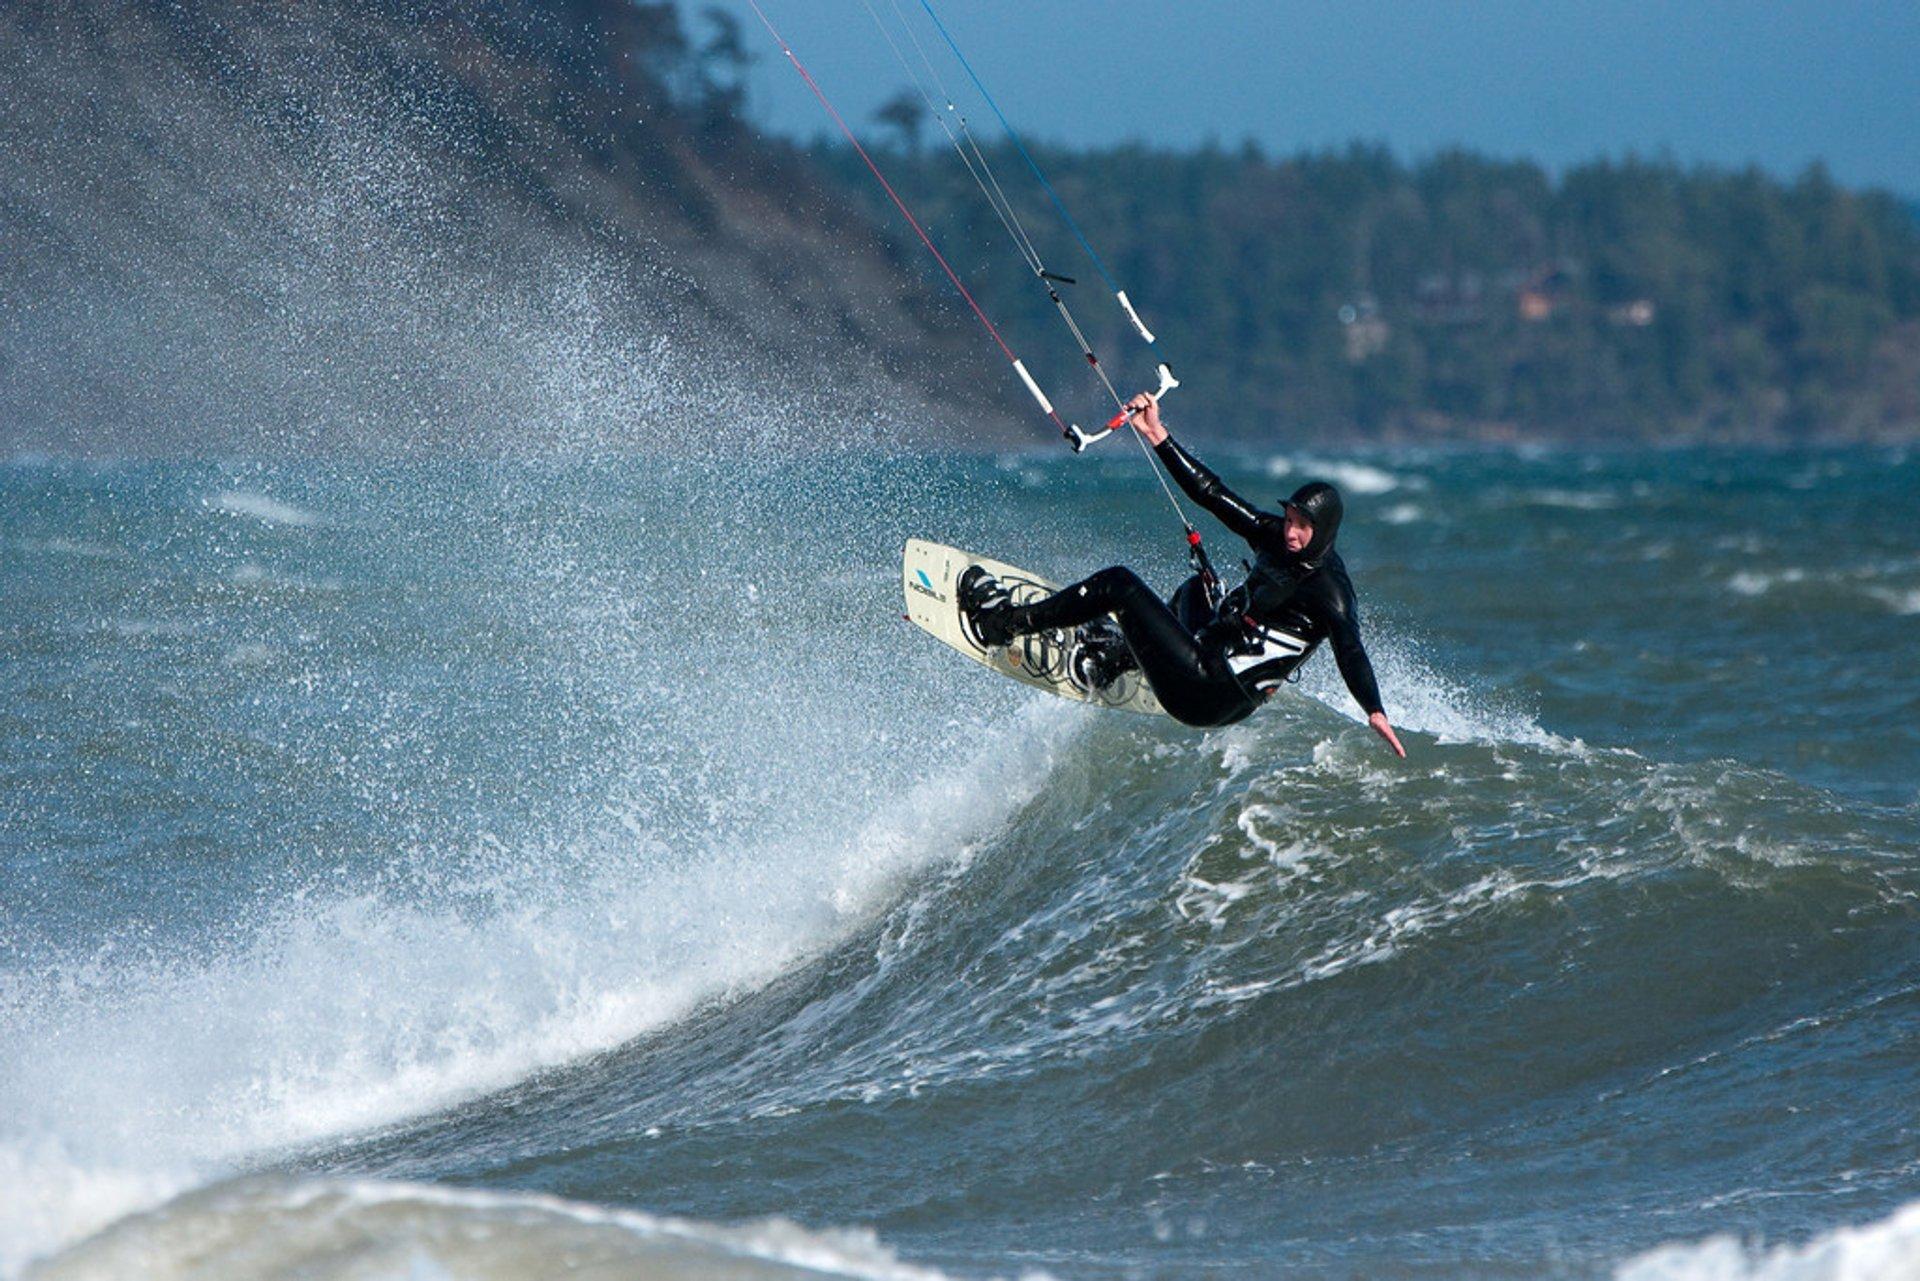 Windsurfing & Kiteboarding in Vancouver - Best Season 2019